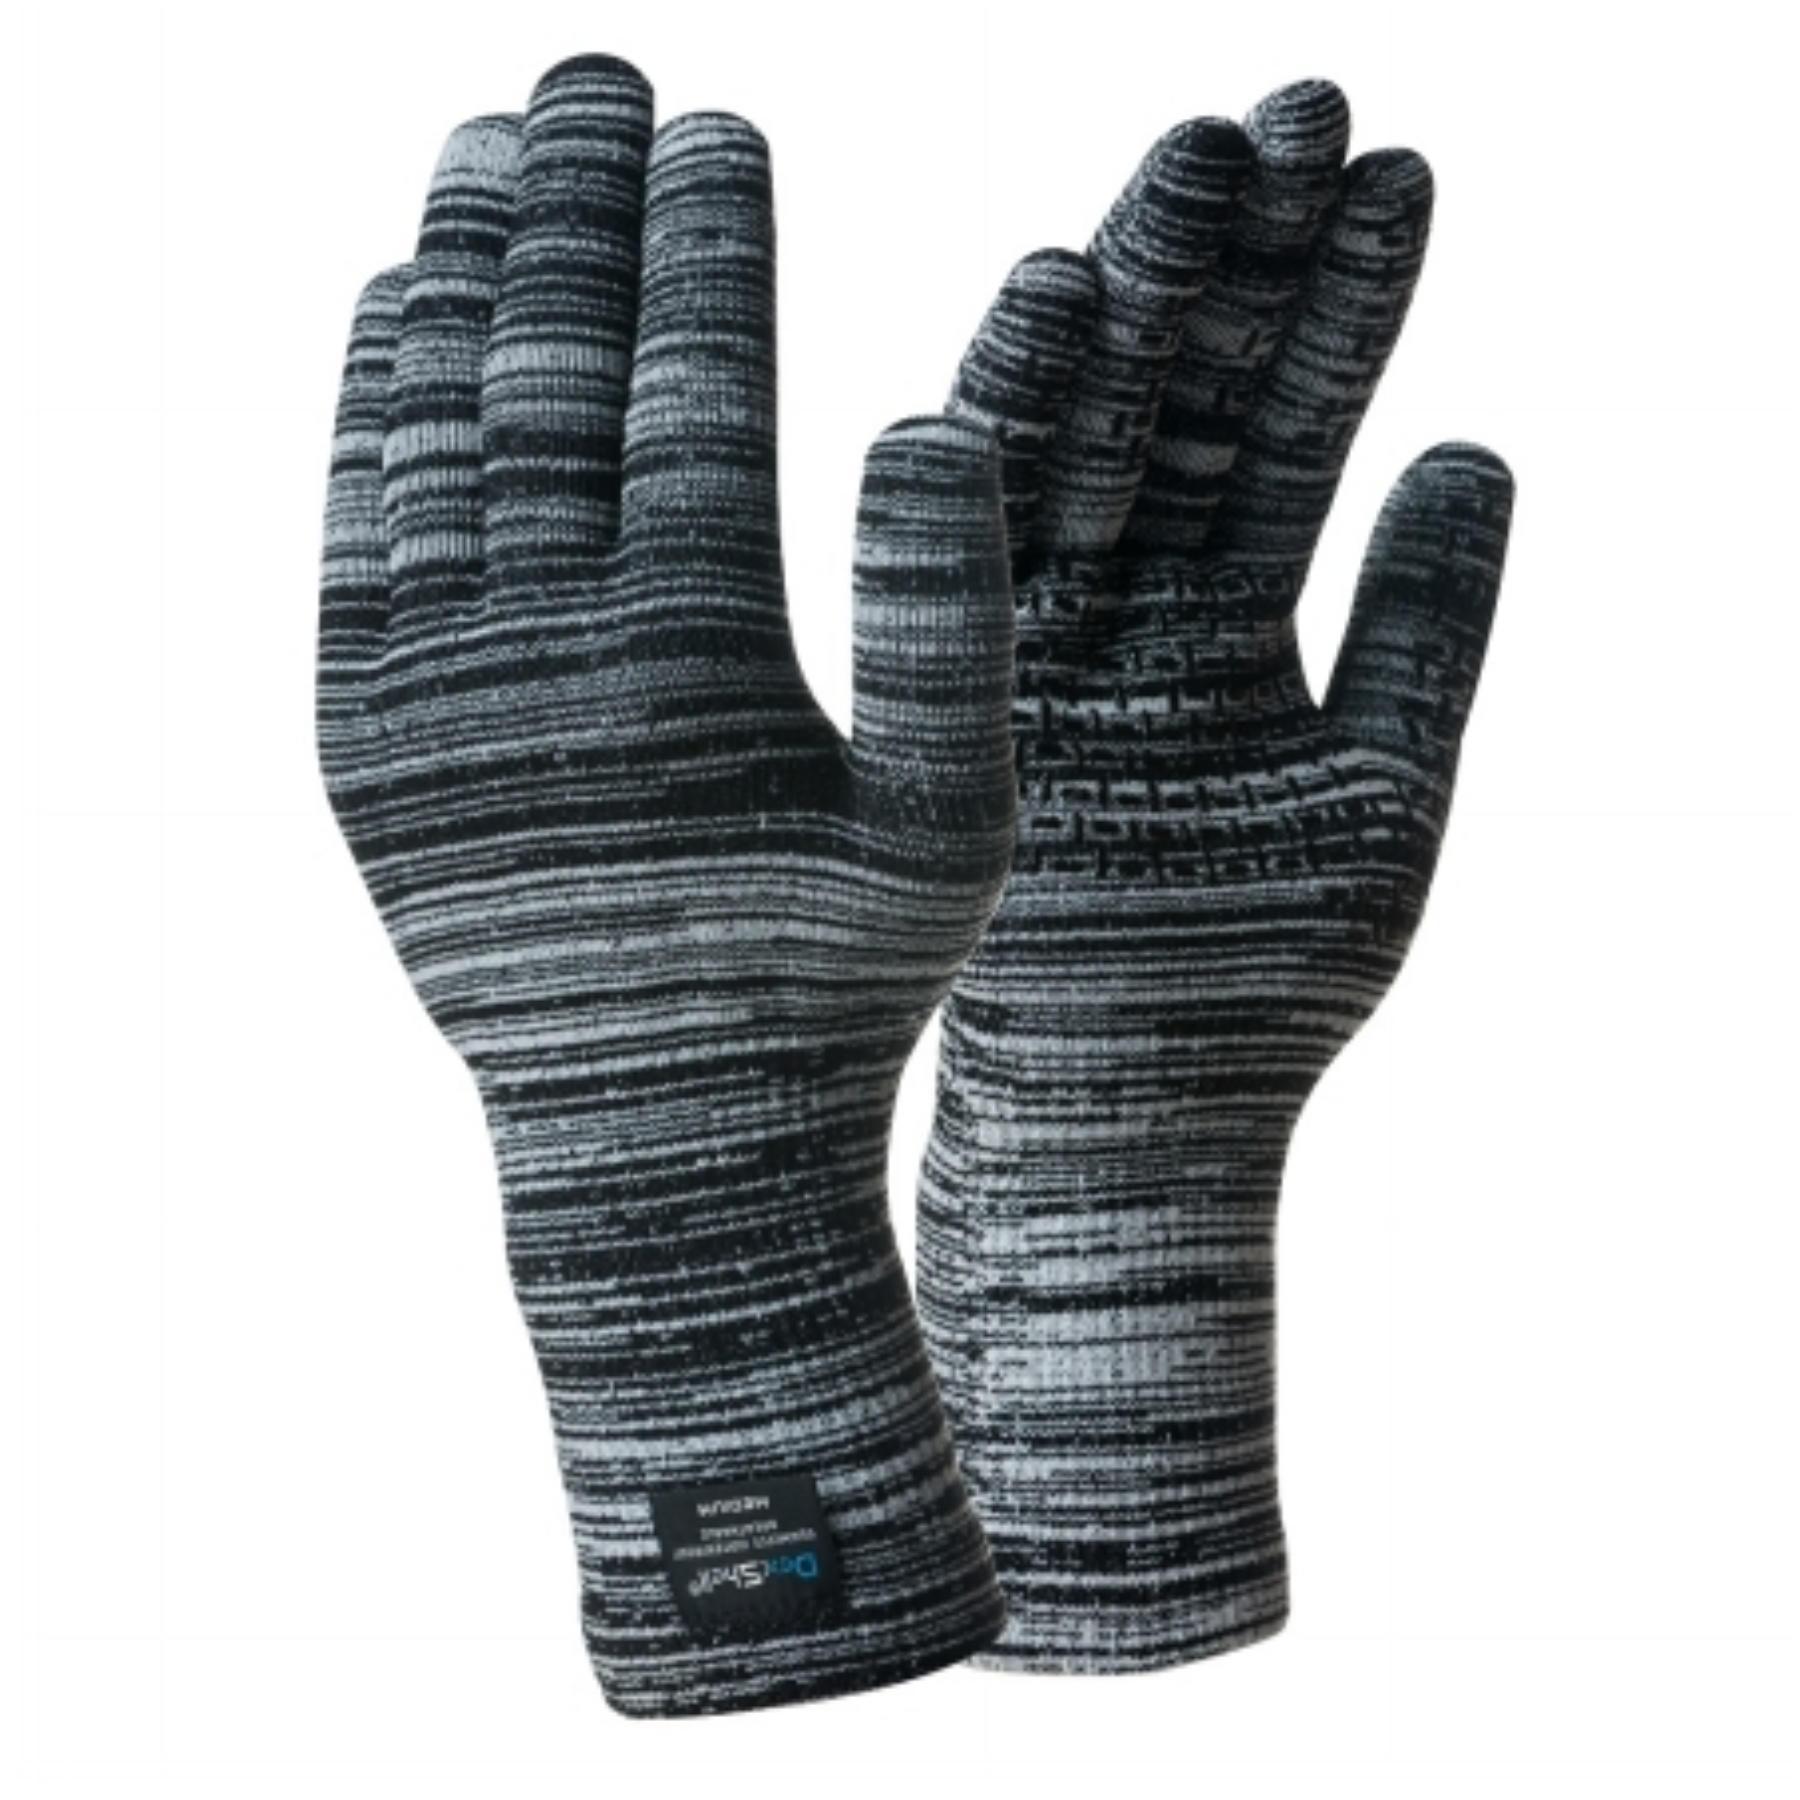 Mens gloves sale uk - Mens Gloves Sale Uk 42